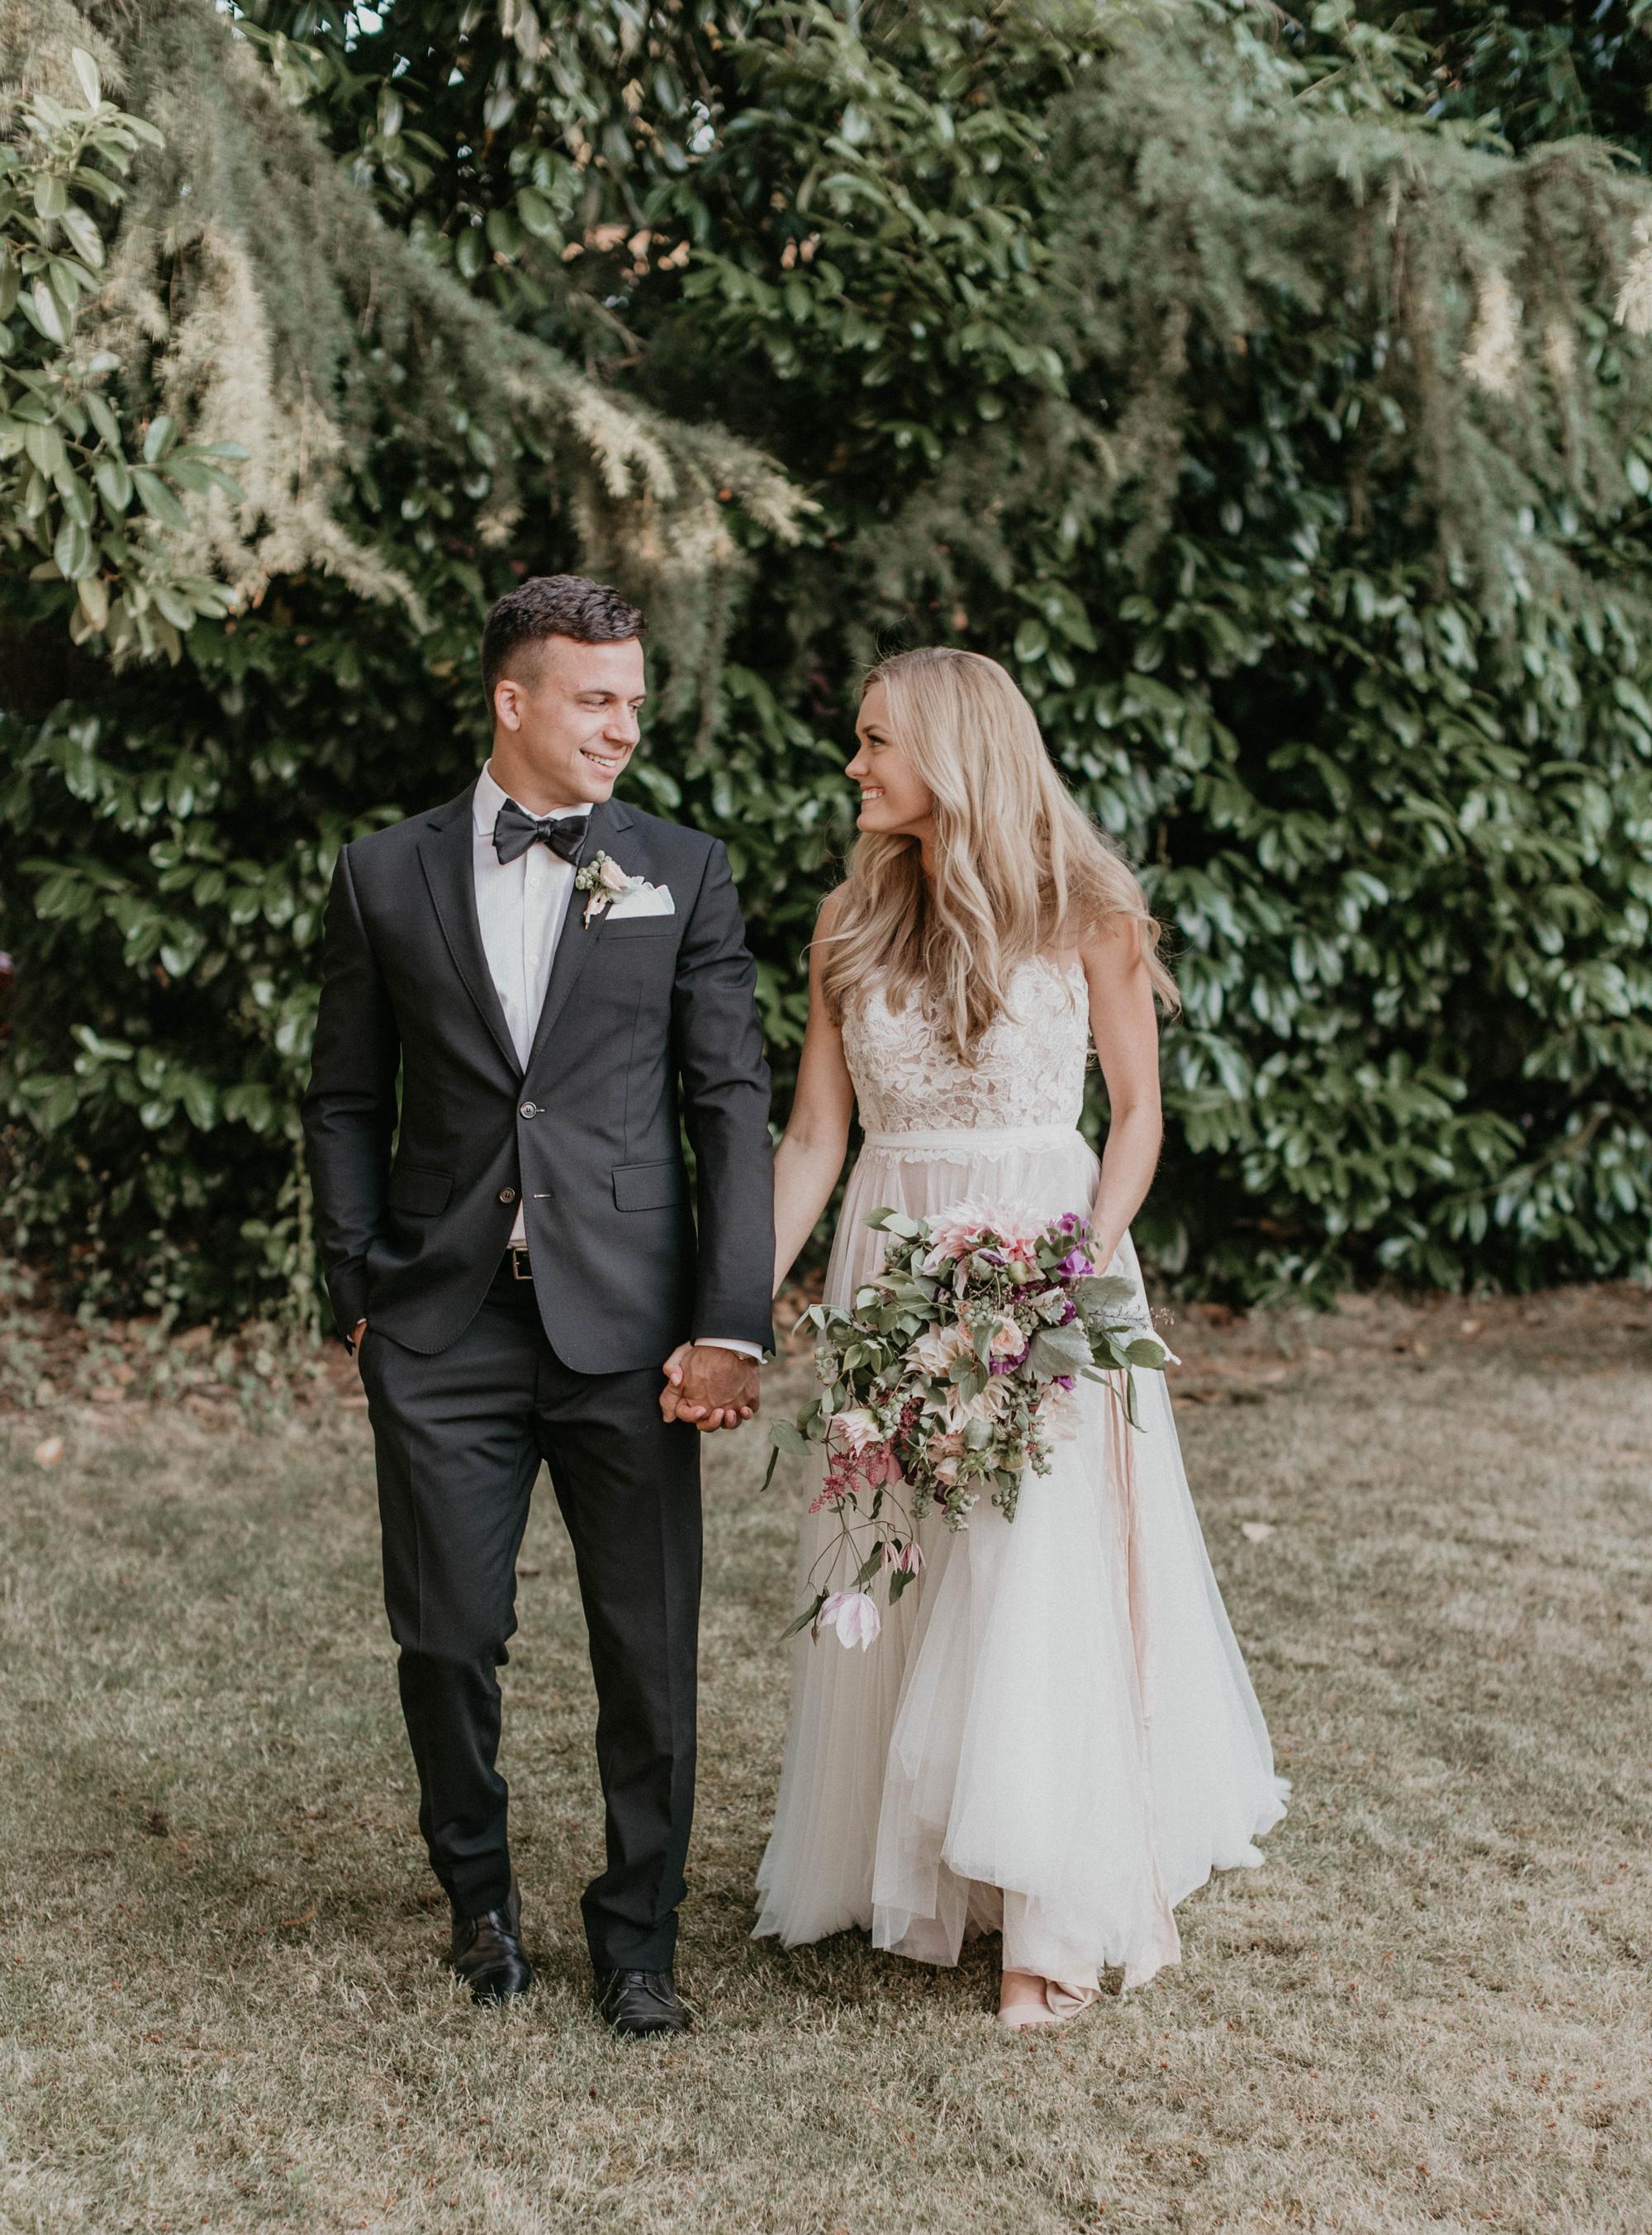 seattle-washington-wedding-photography-1778-photographie-57.jpg